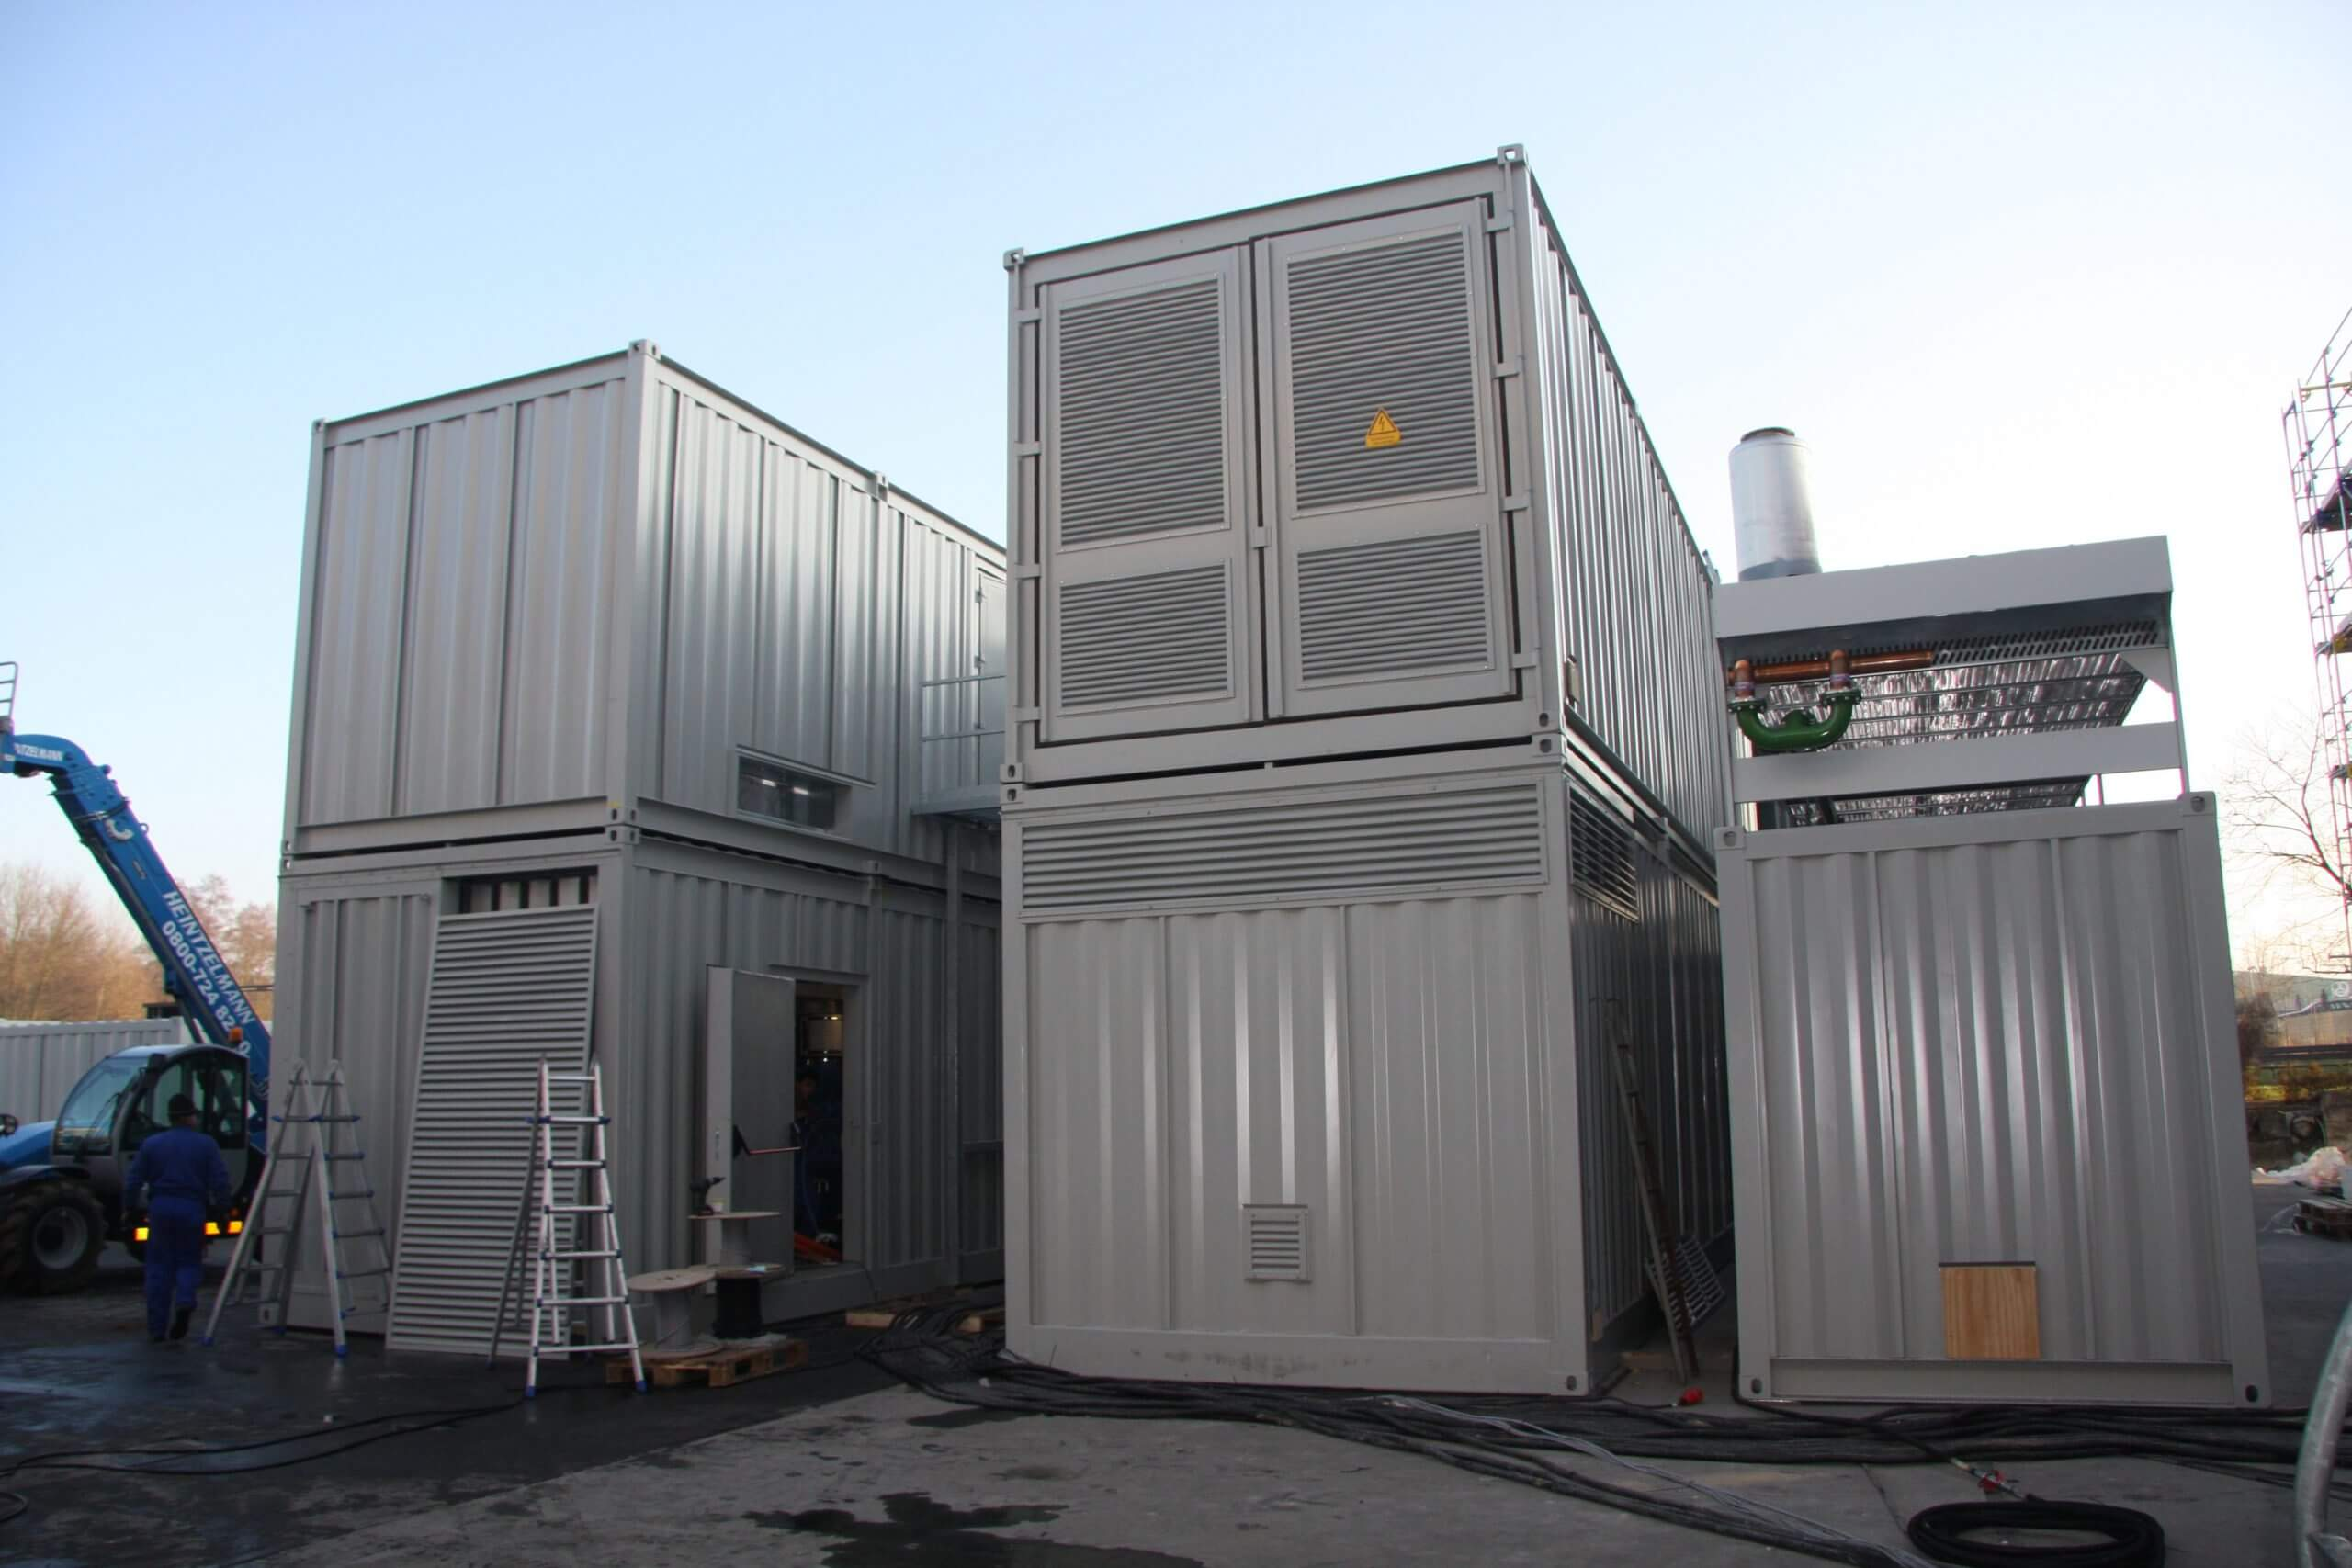 Gestapelte Container mit Notstromversorgung, Wettergitter, Rückkühler, Fluchttüre und Anschlüssen